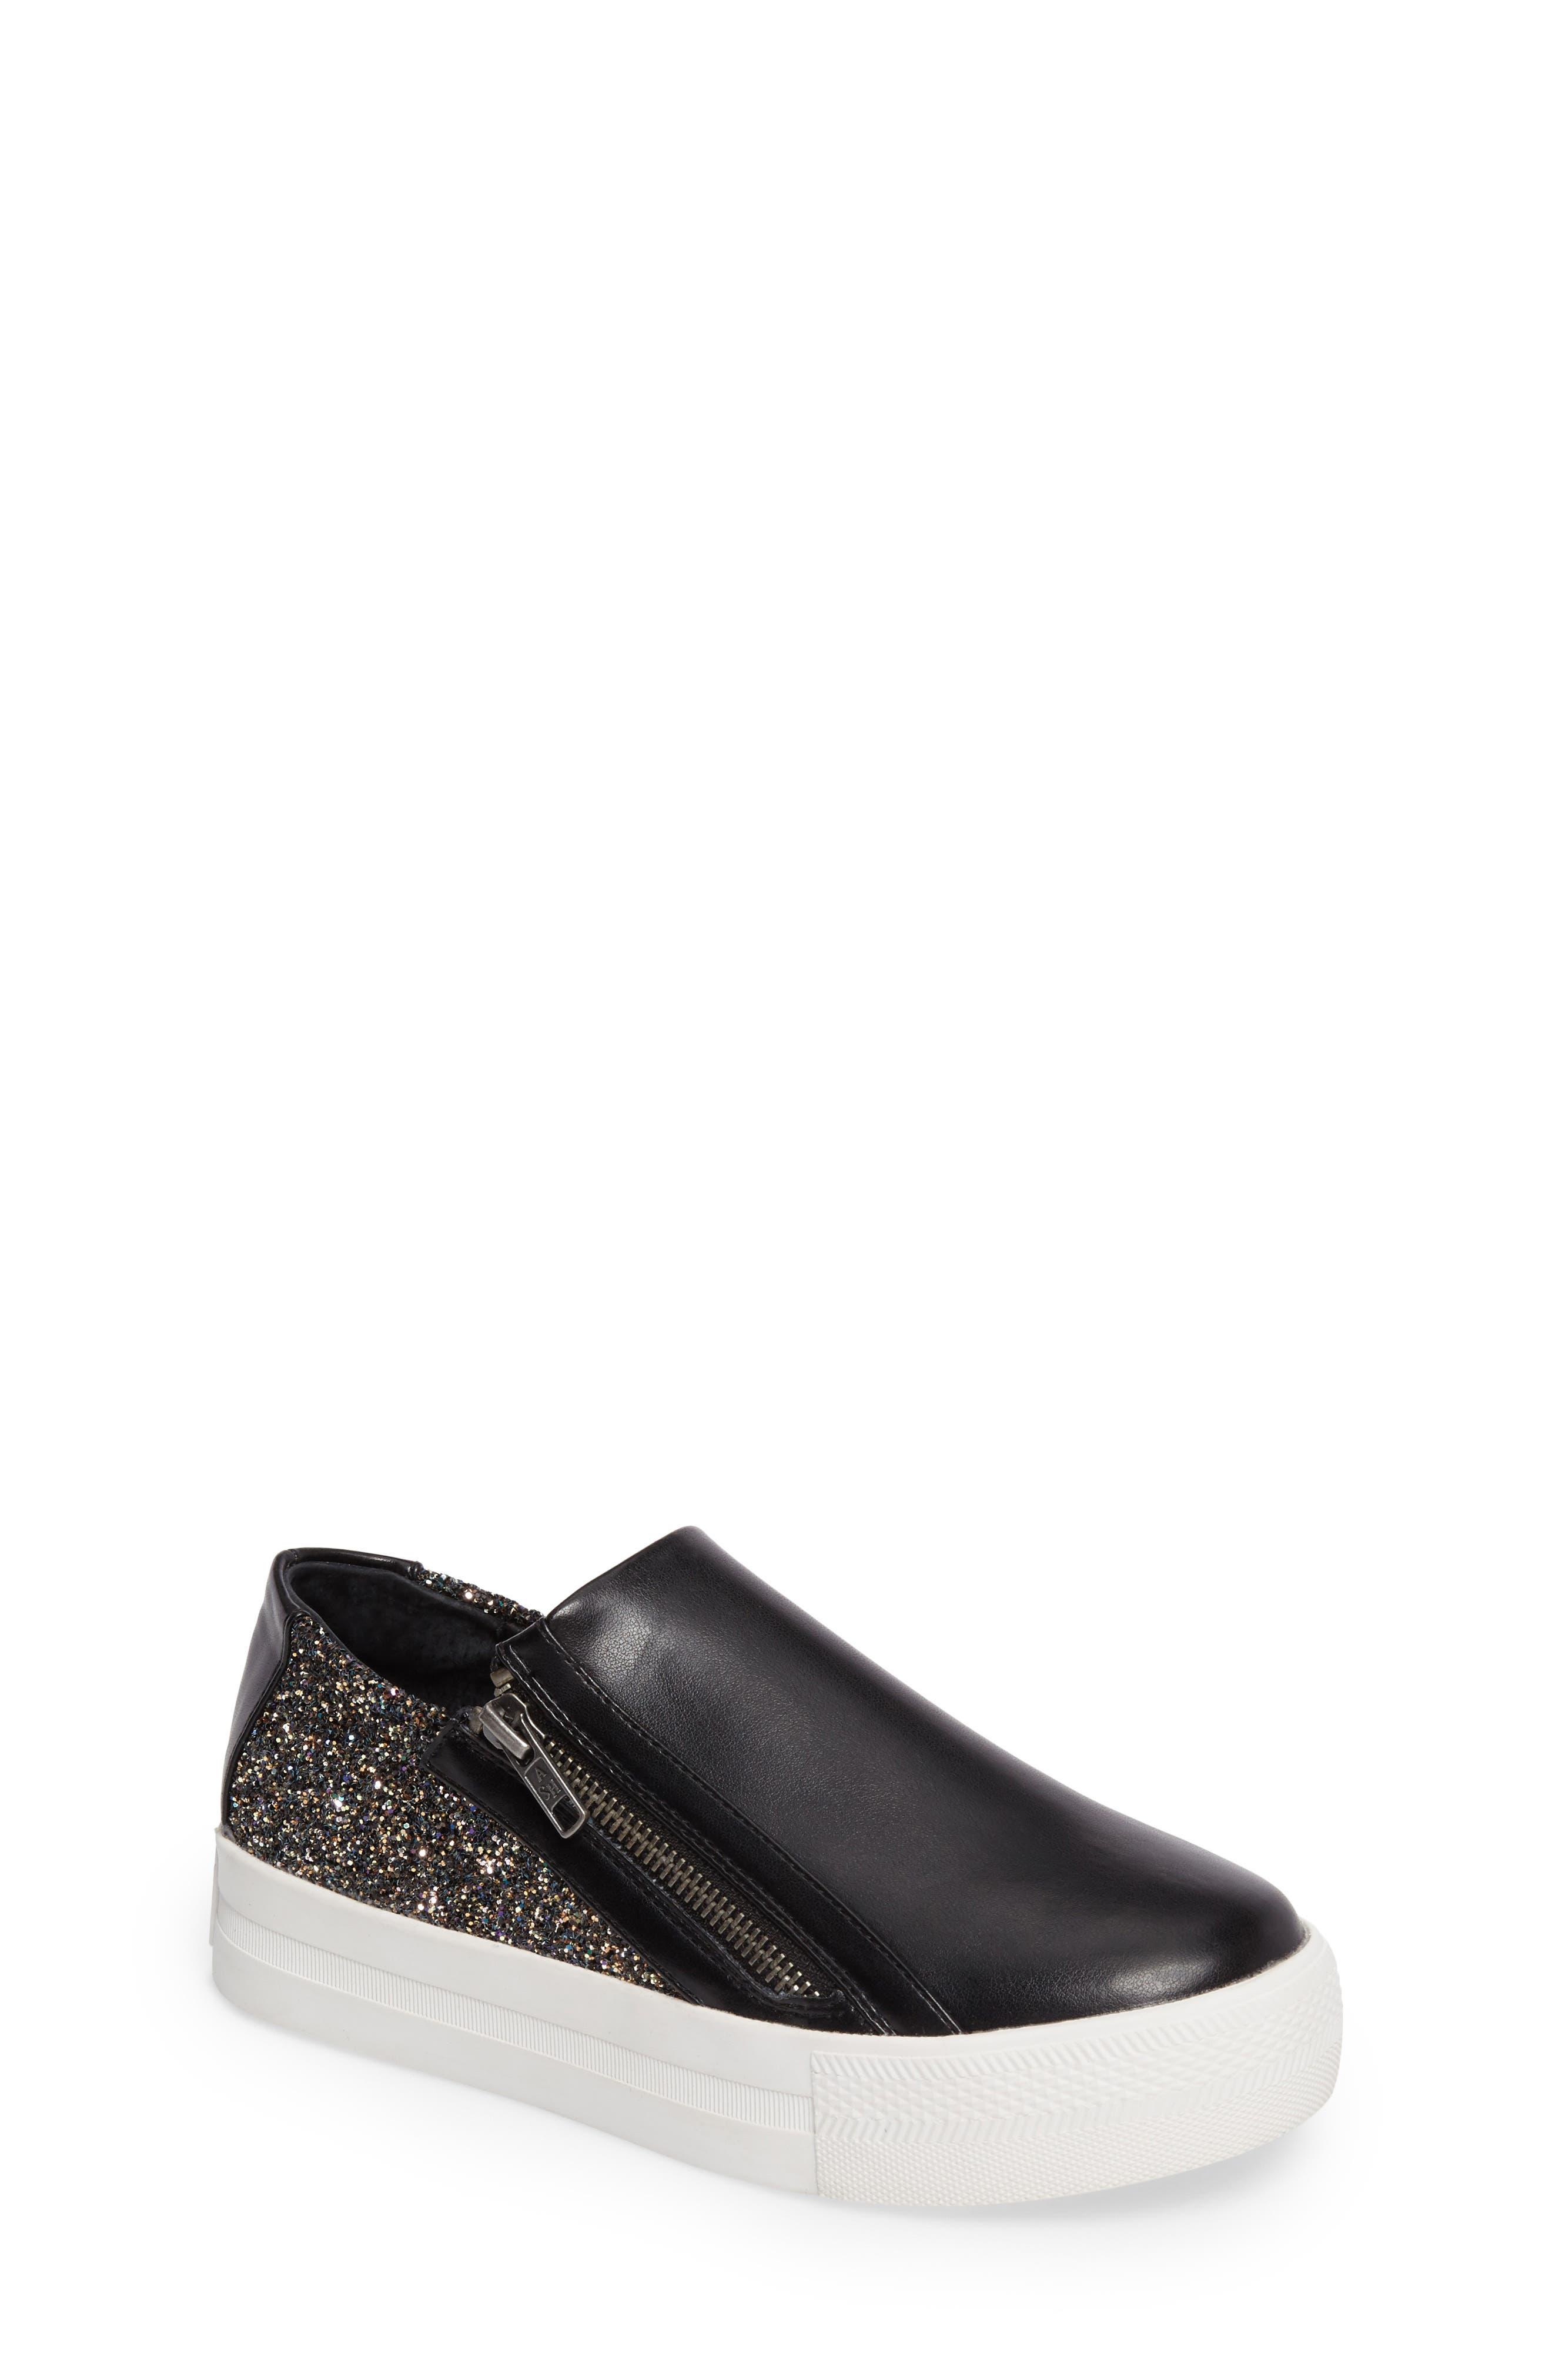 Lynn Monica Glittery Zip Sneaker,                         Main,                         color, Black Faux Leather